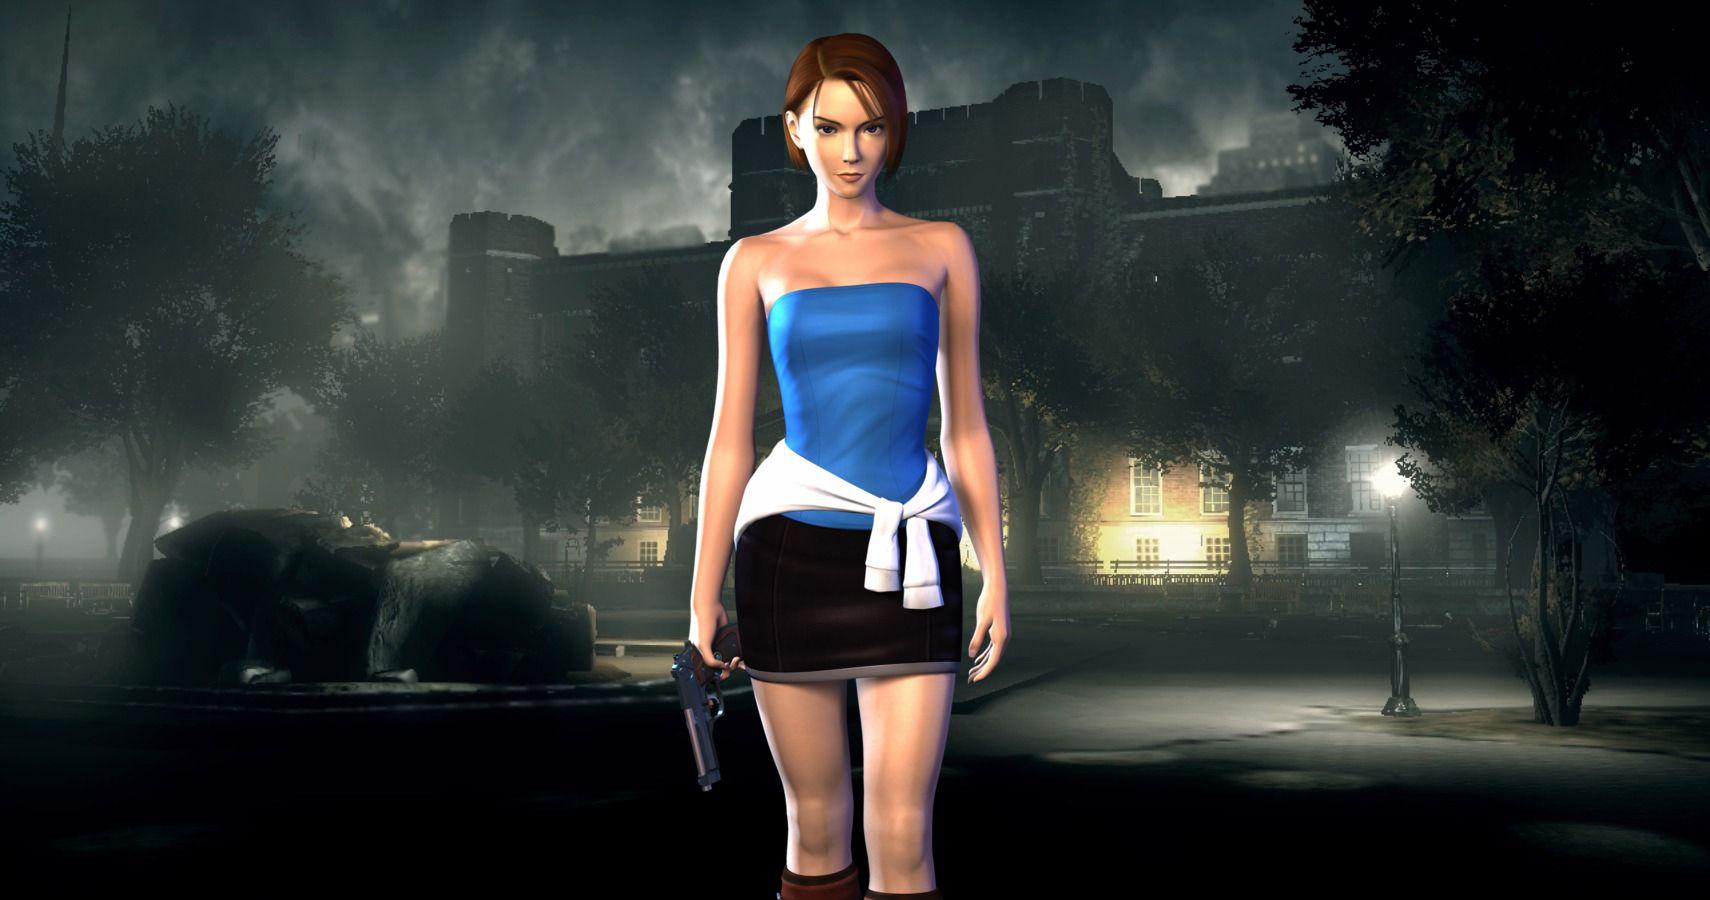 Compare os personagens de Resident Evil 3 Remake com o original 1